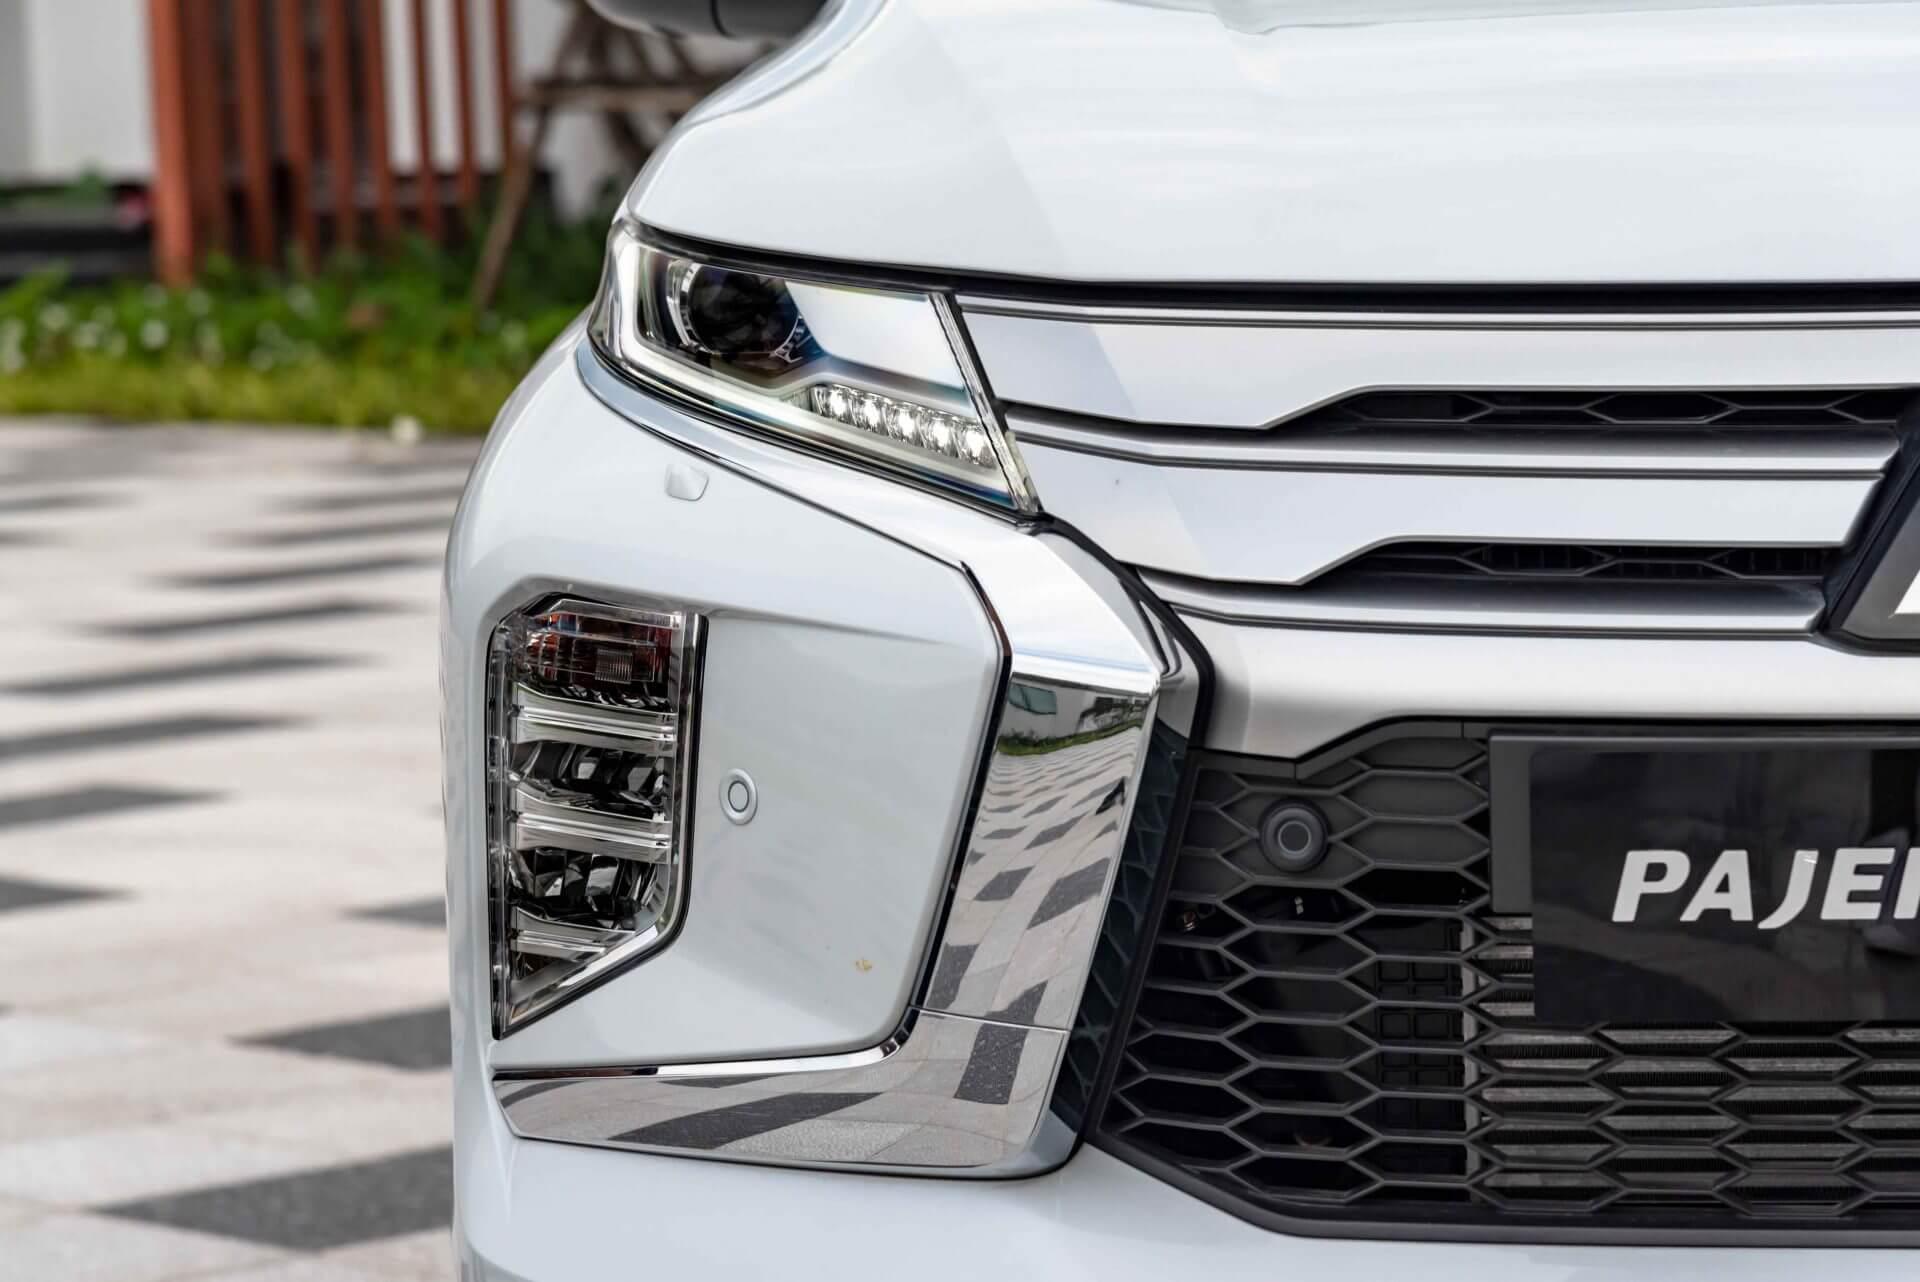 Mitsubishi pajero sport 2021 mới vận hành mạnh mẽ an toàn cao cấp tiện ích thông minh - 4